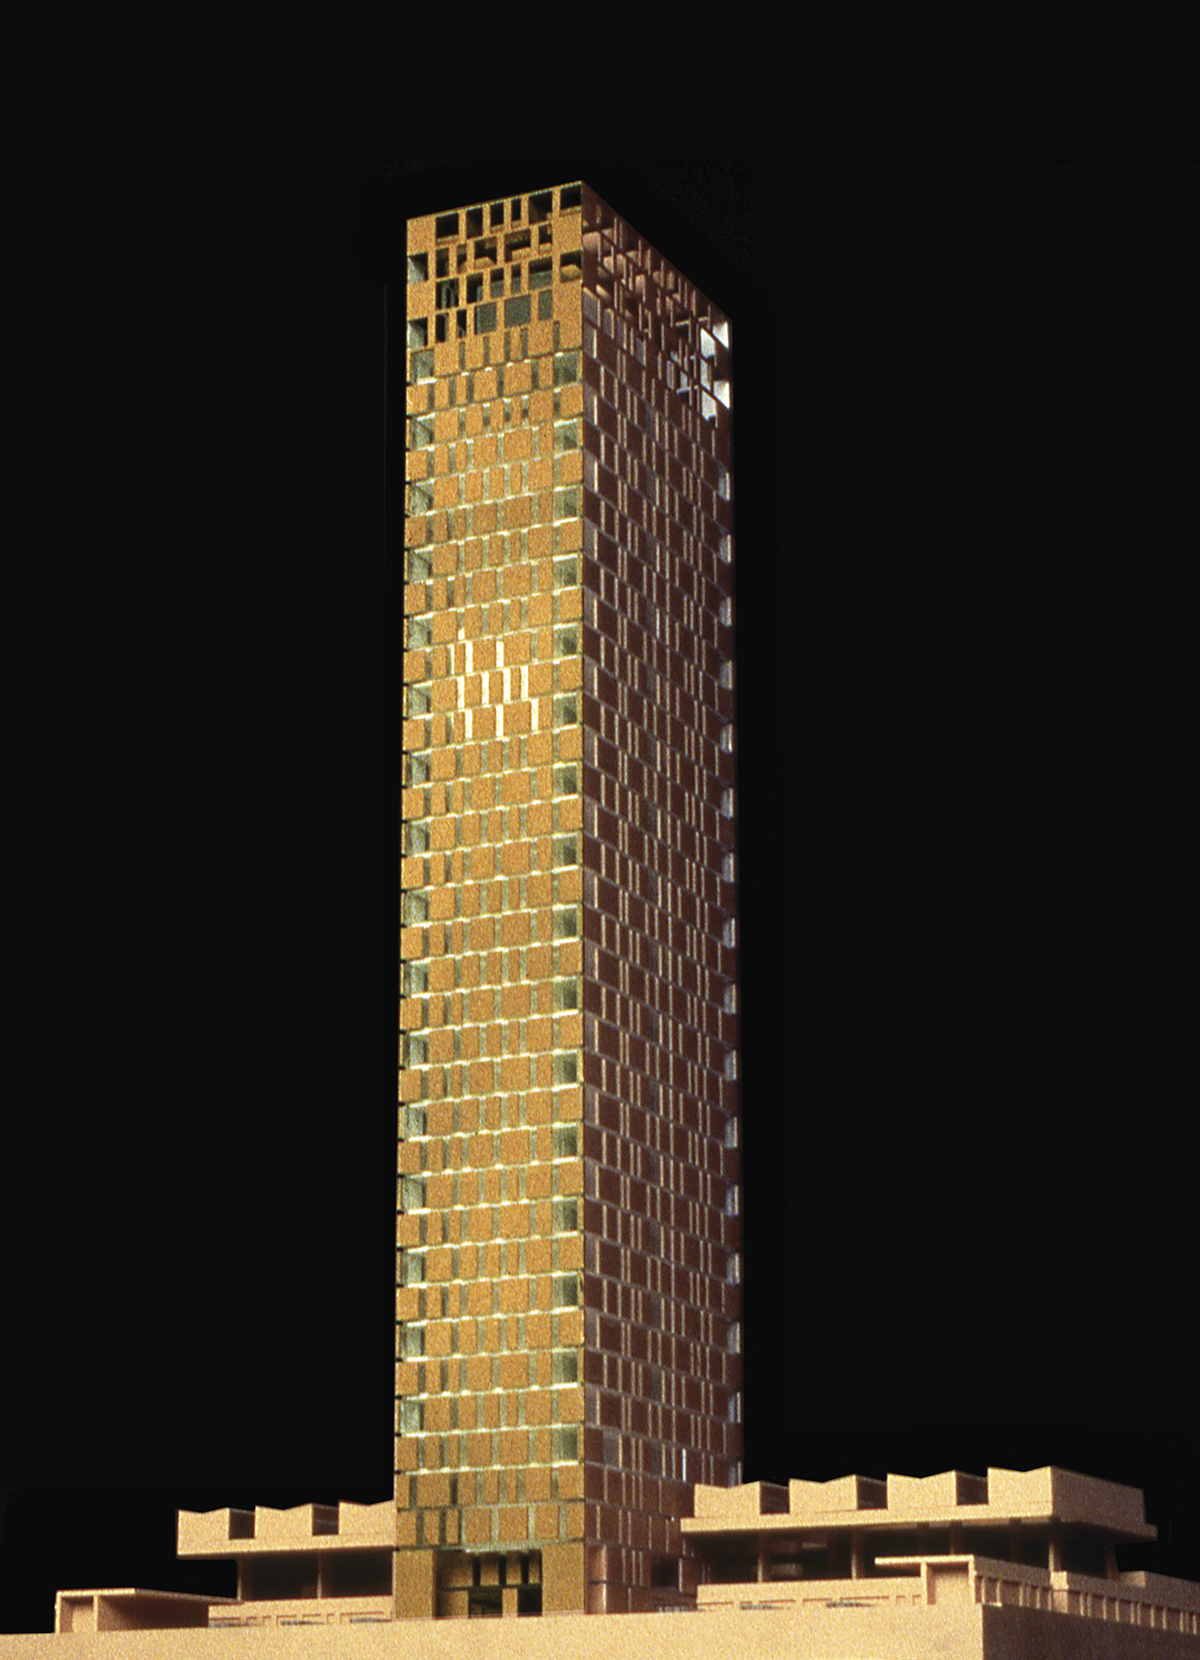 Concurso para una torre de viviendas